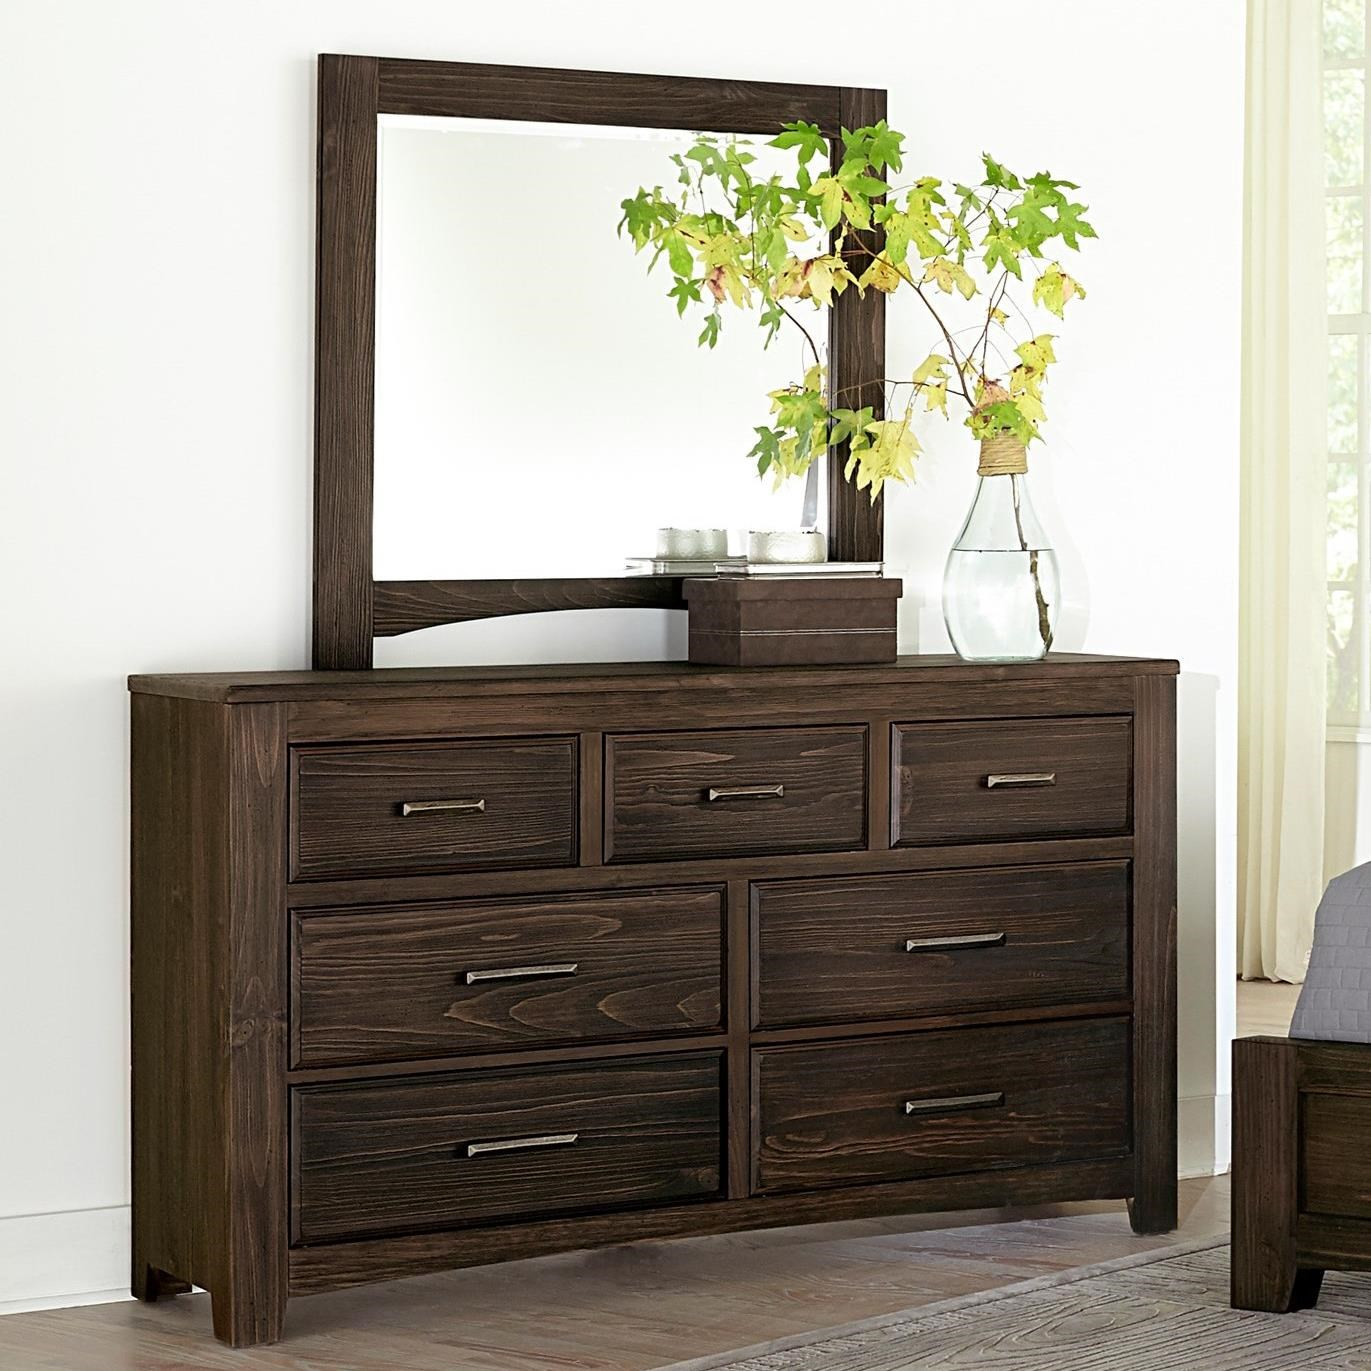 Vaughan Bassett Cottage Too Vintage Seven Drawer Dresser And Mirror Set Jacksonville Furniture